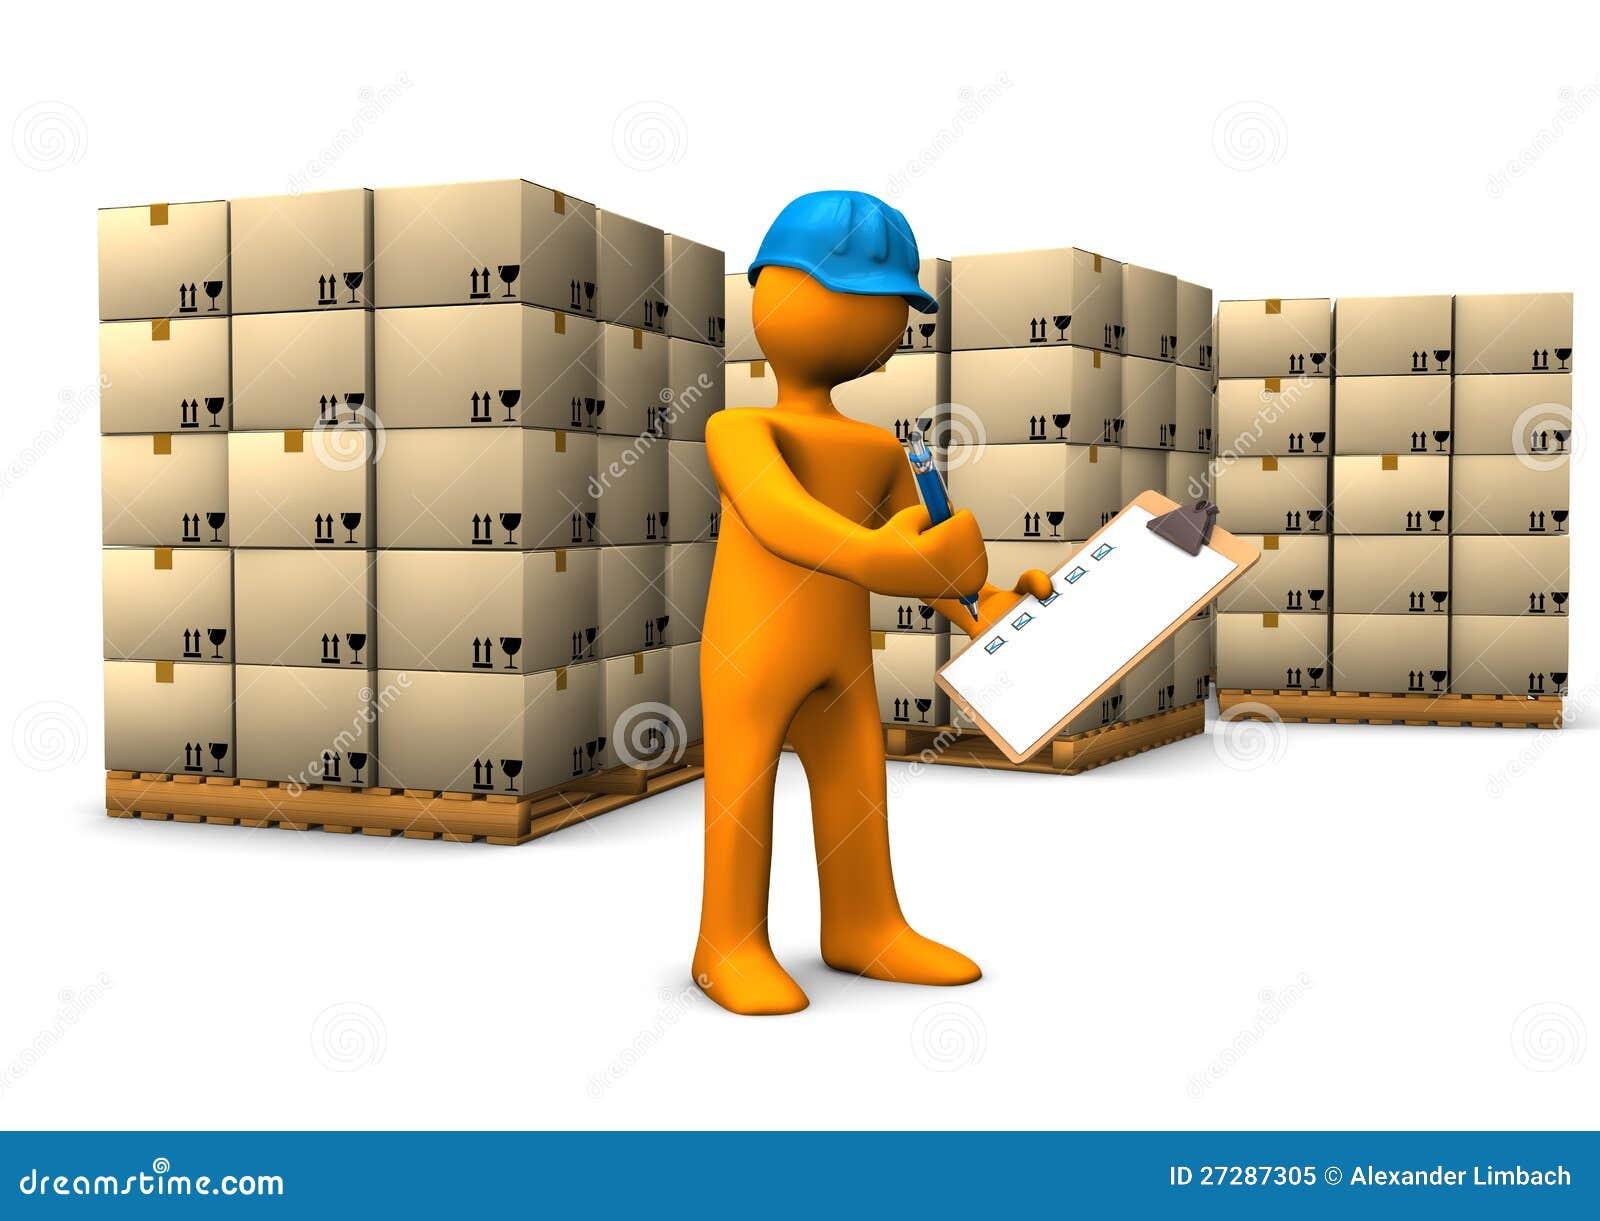 No Credit Check Credit Cards >> Warehouse Check Royalty Free Stock Photo - Image: 27287305